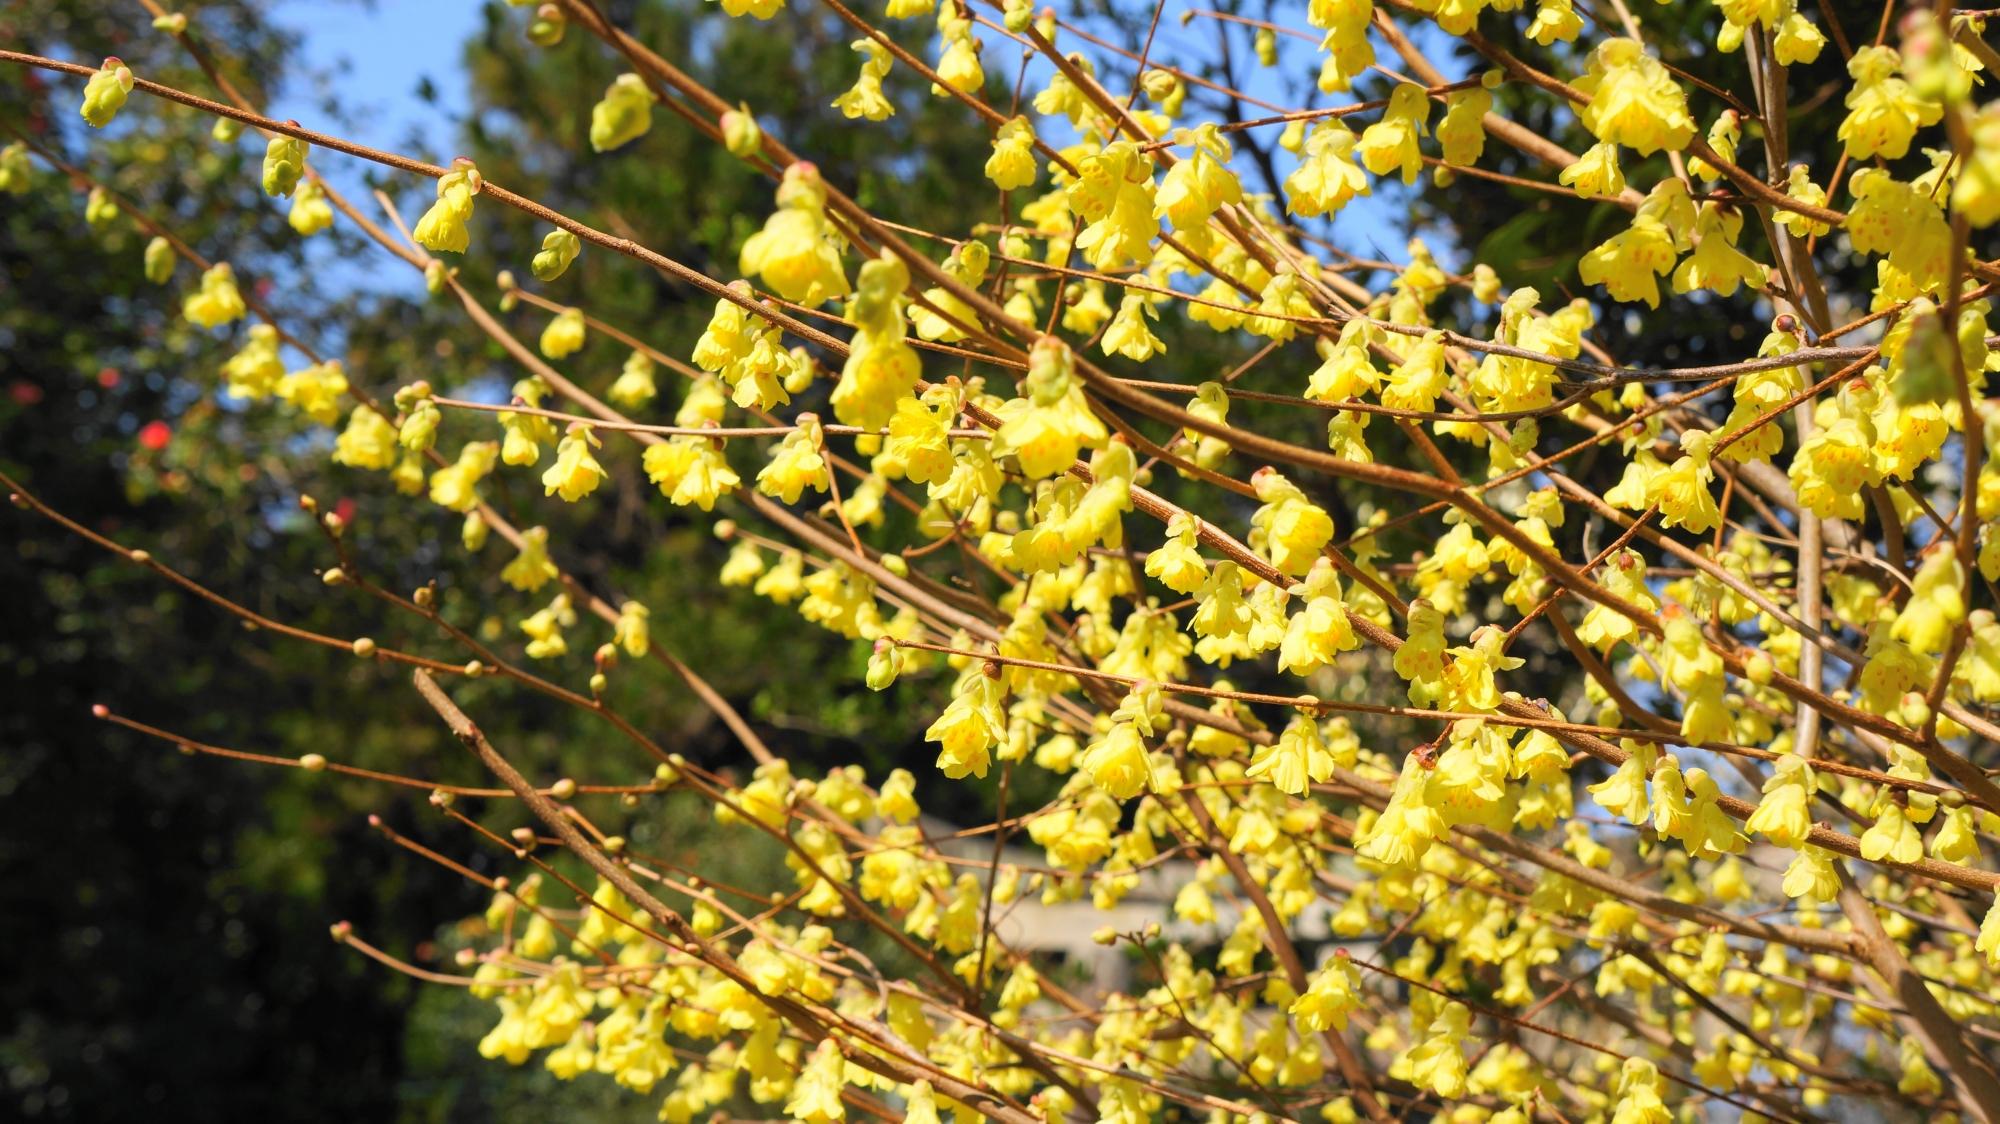 春先を彩るロウバイの鮮やかな黄色